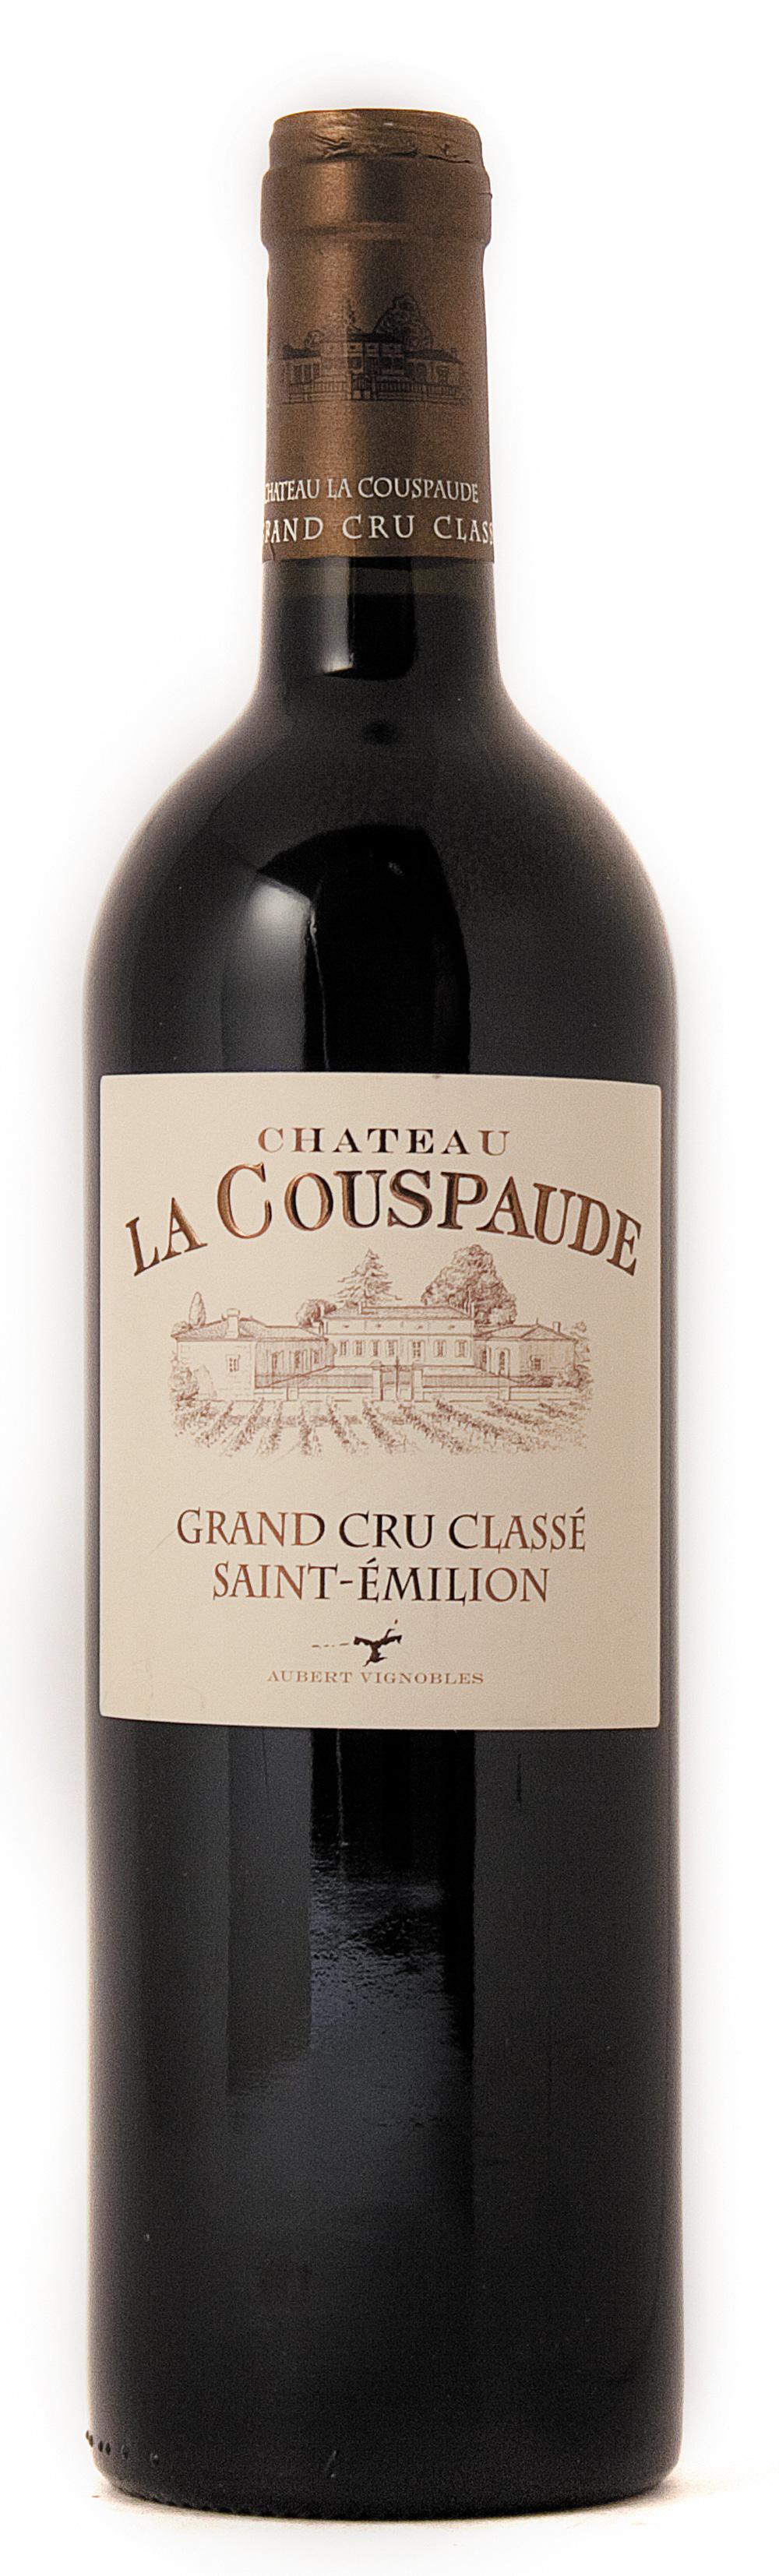 Chateau La Couspaude, Saint-Emilion, France 2005 - Royal Orchid Wine